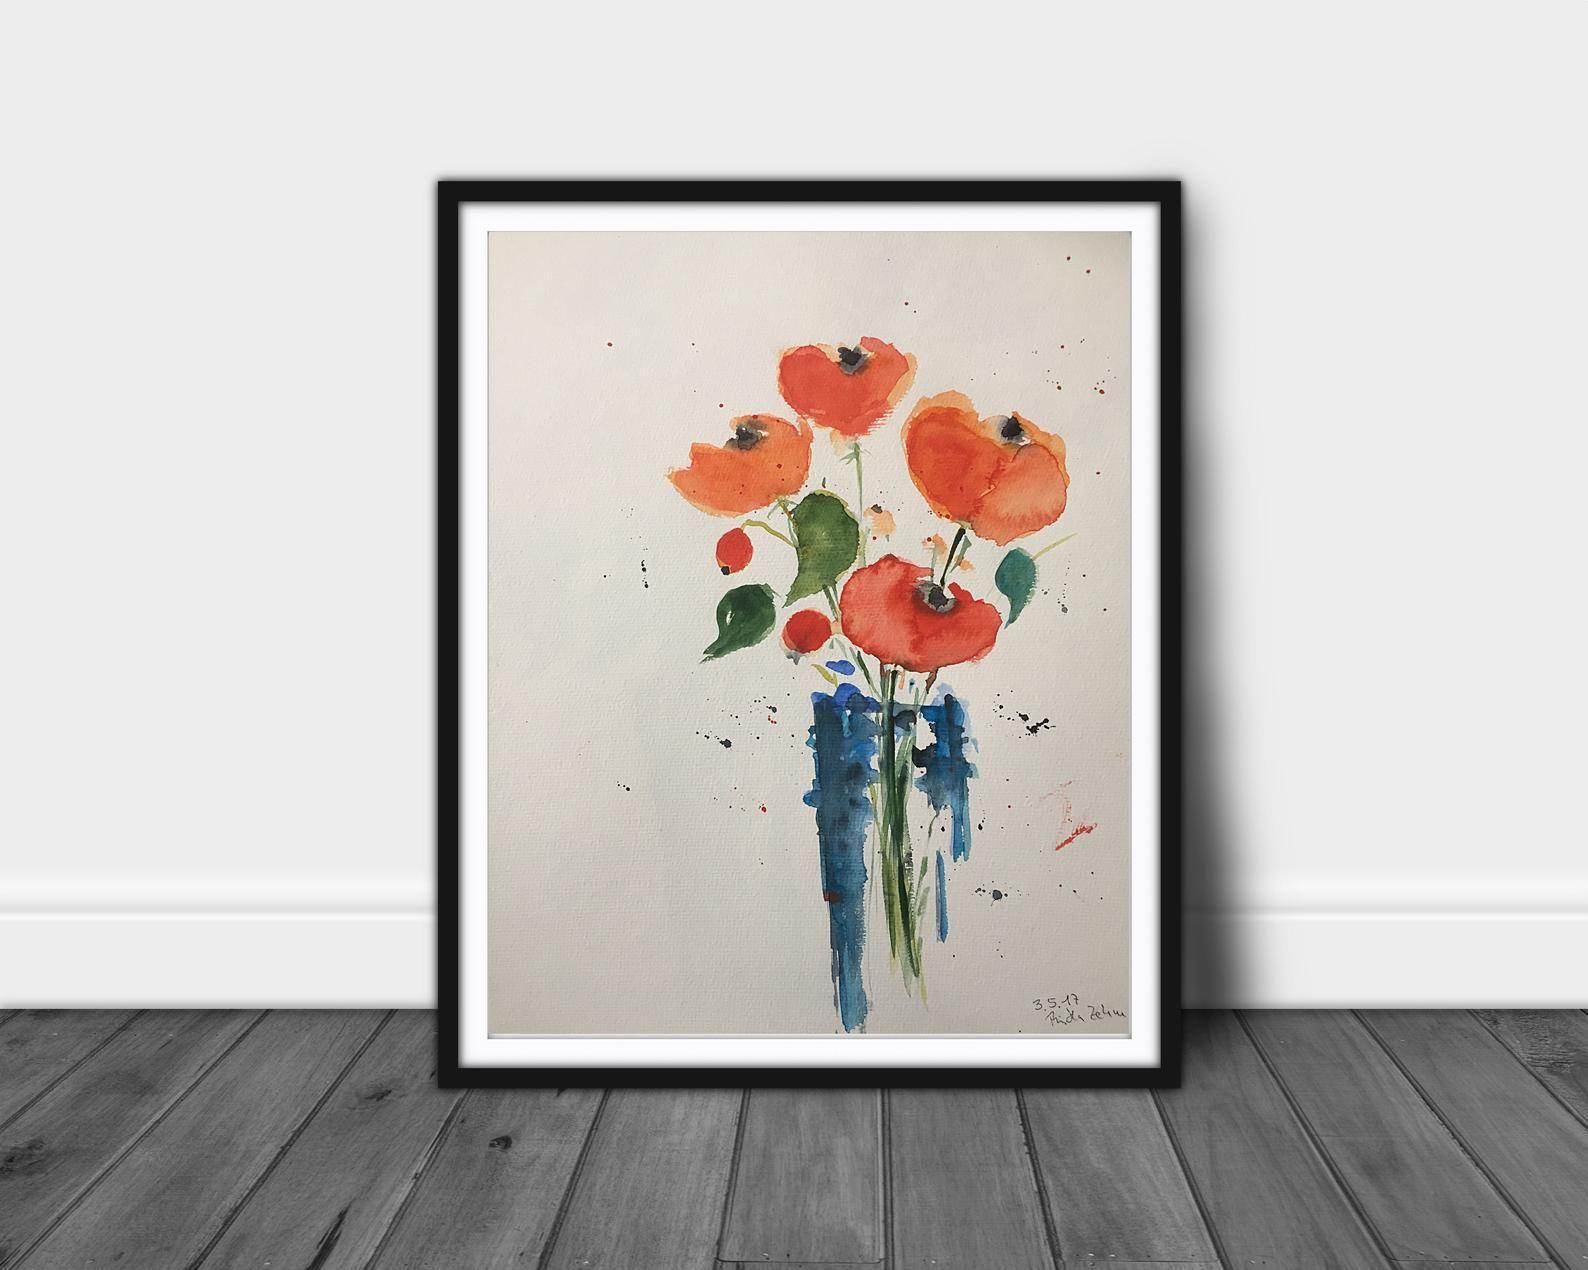 Original Aquarell Aquarellmalerei Bild Kunst Mohnblumen Blumen